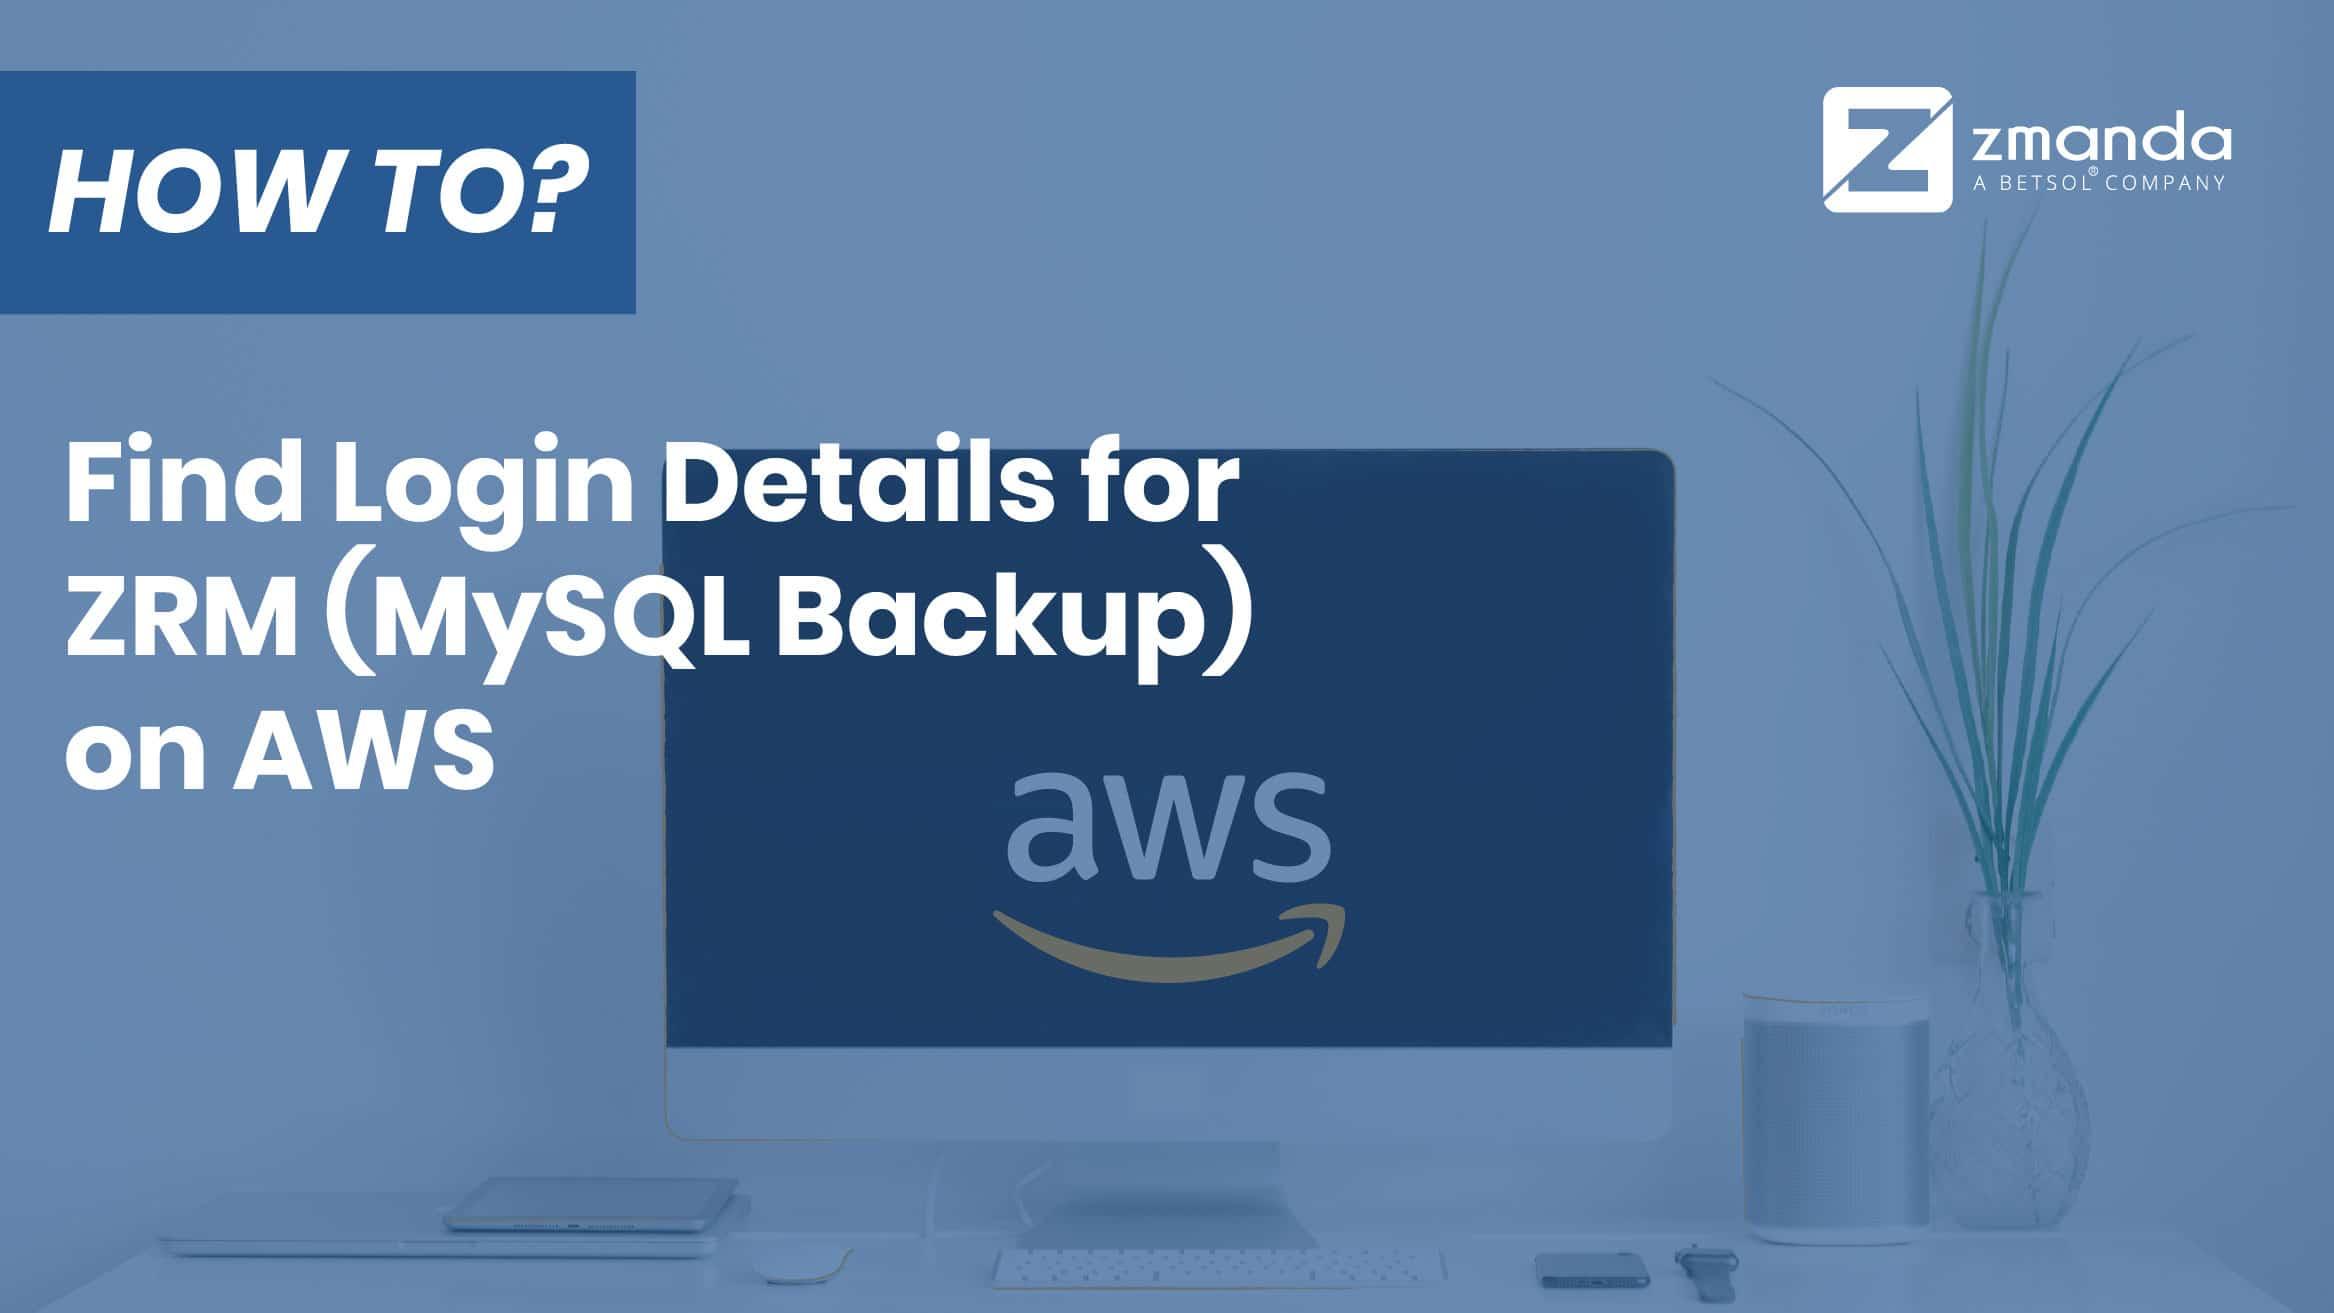 MySQL Backup | So finden Sie Anmeldedaten für ZRM in AWS